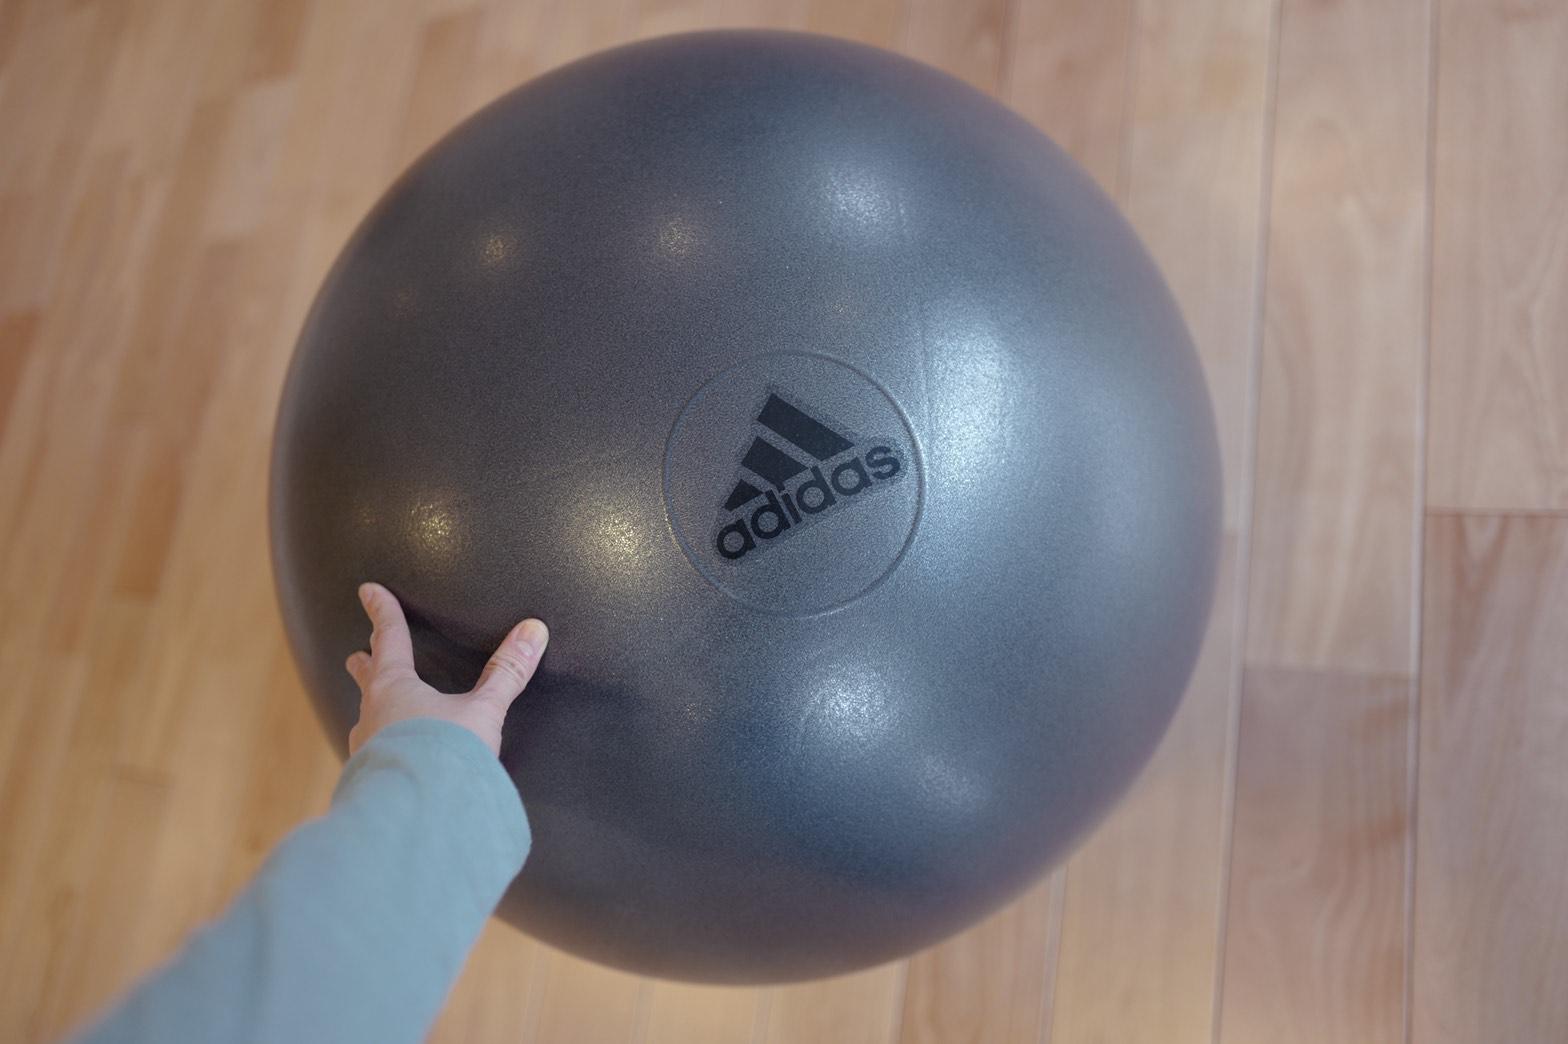 矢野未希子さん愛用のバランスボール。